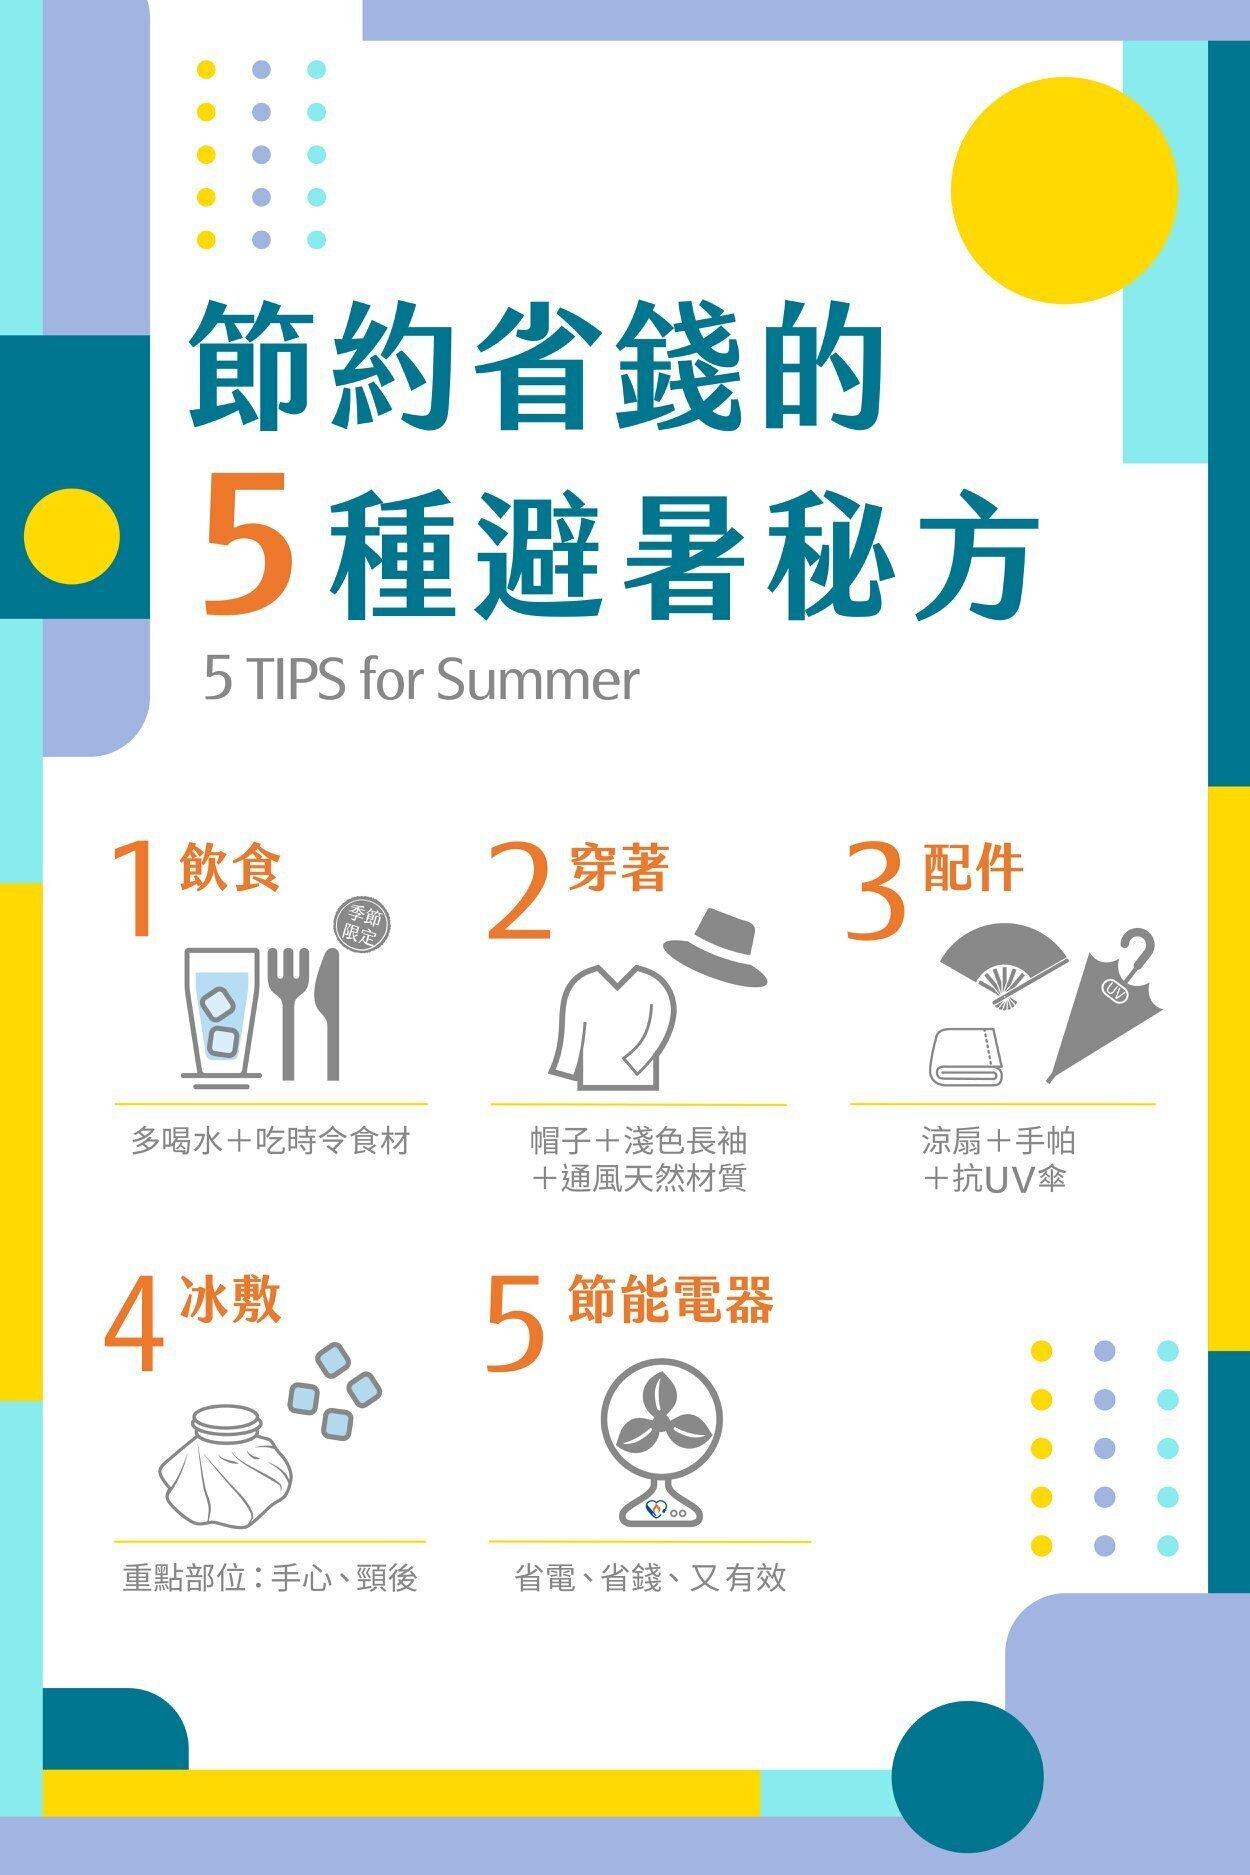 節約省錢避暑妙方飲食穿著配件冰敷節能電器